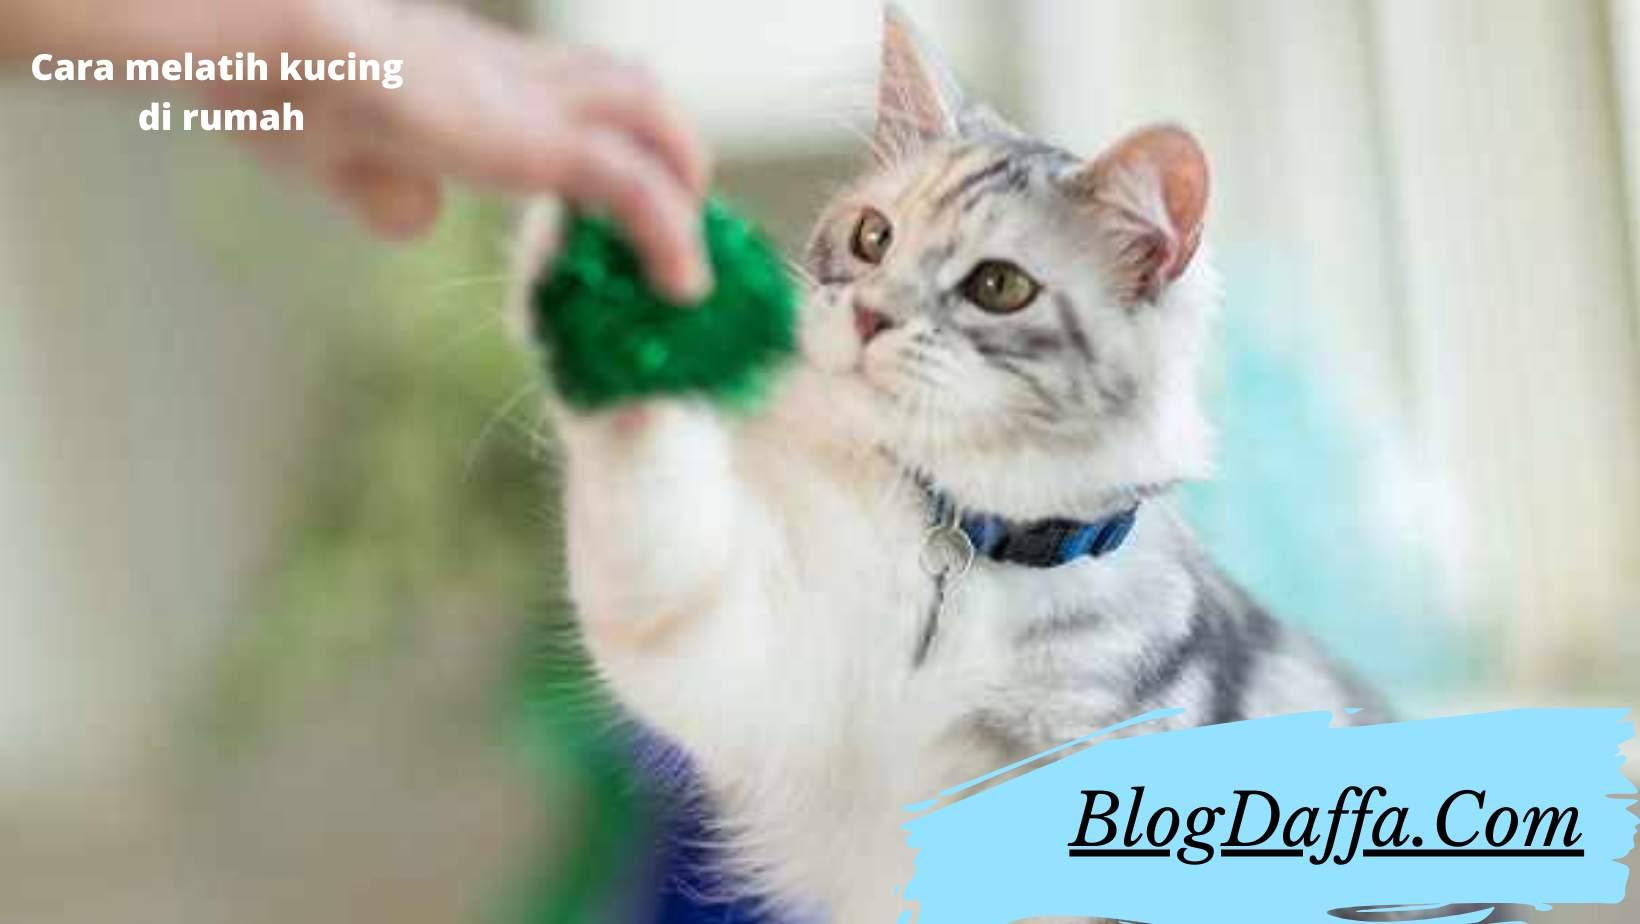 Cara melatih kucing yang sudah terbukti berhasil